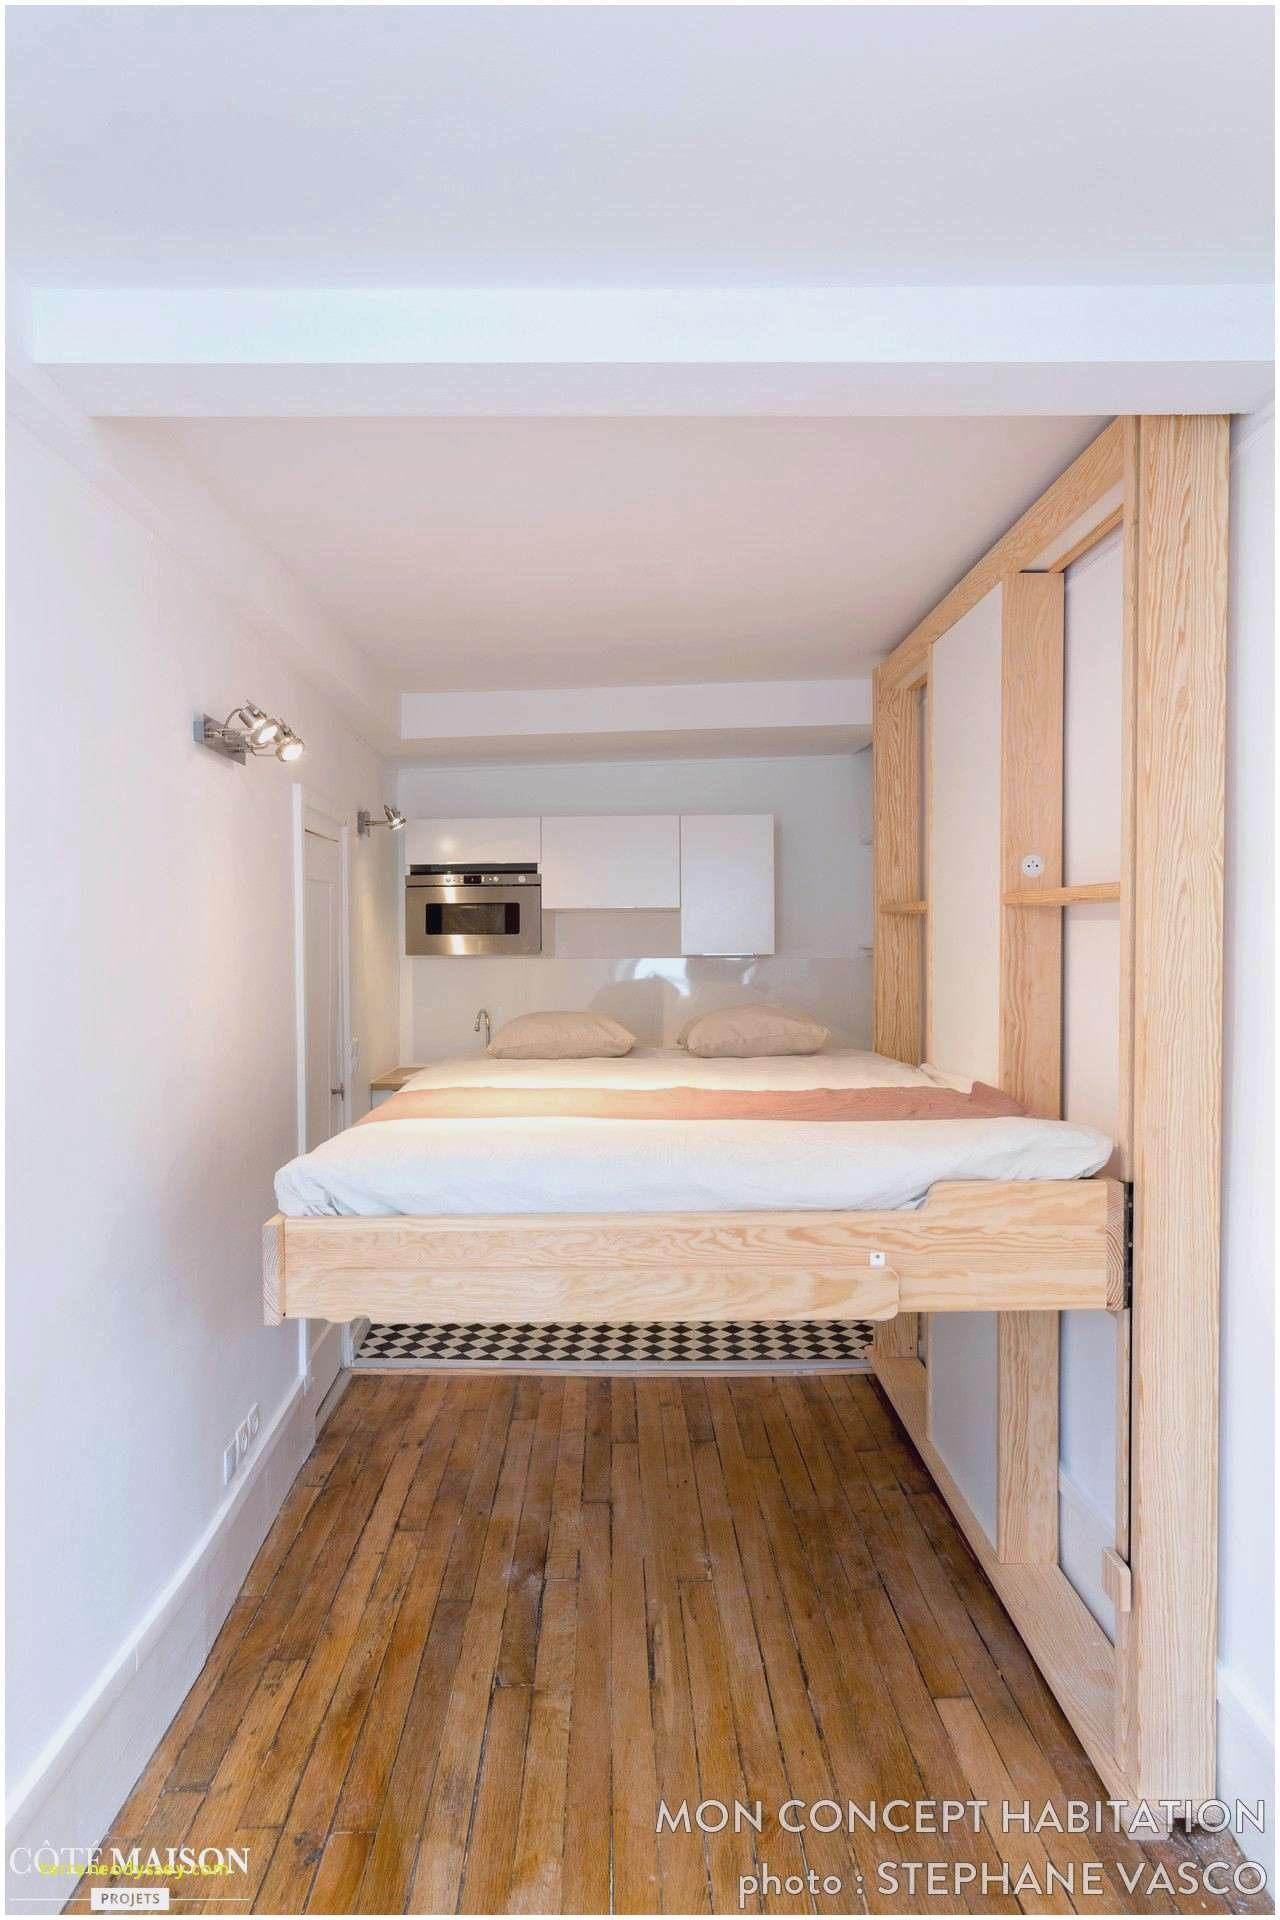 Lit Escamotable Ikea Génial Frais Résultat Supérieur Lit Escamotable Incroyable Lit Escamotable